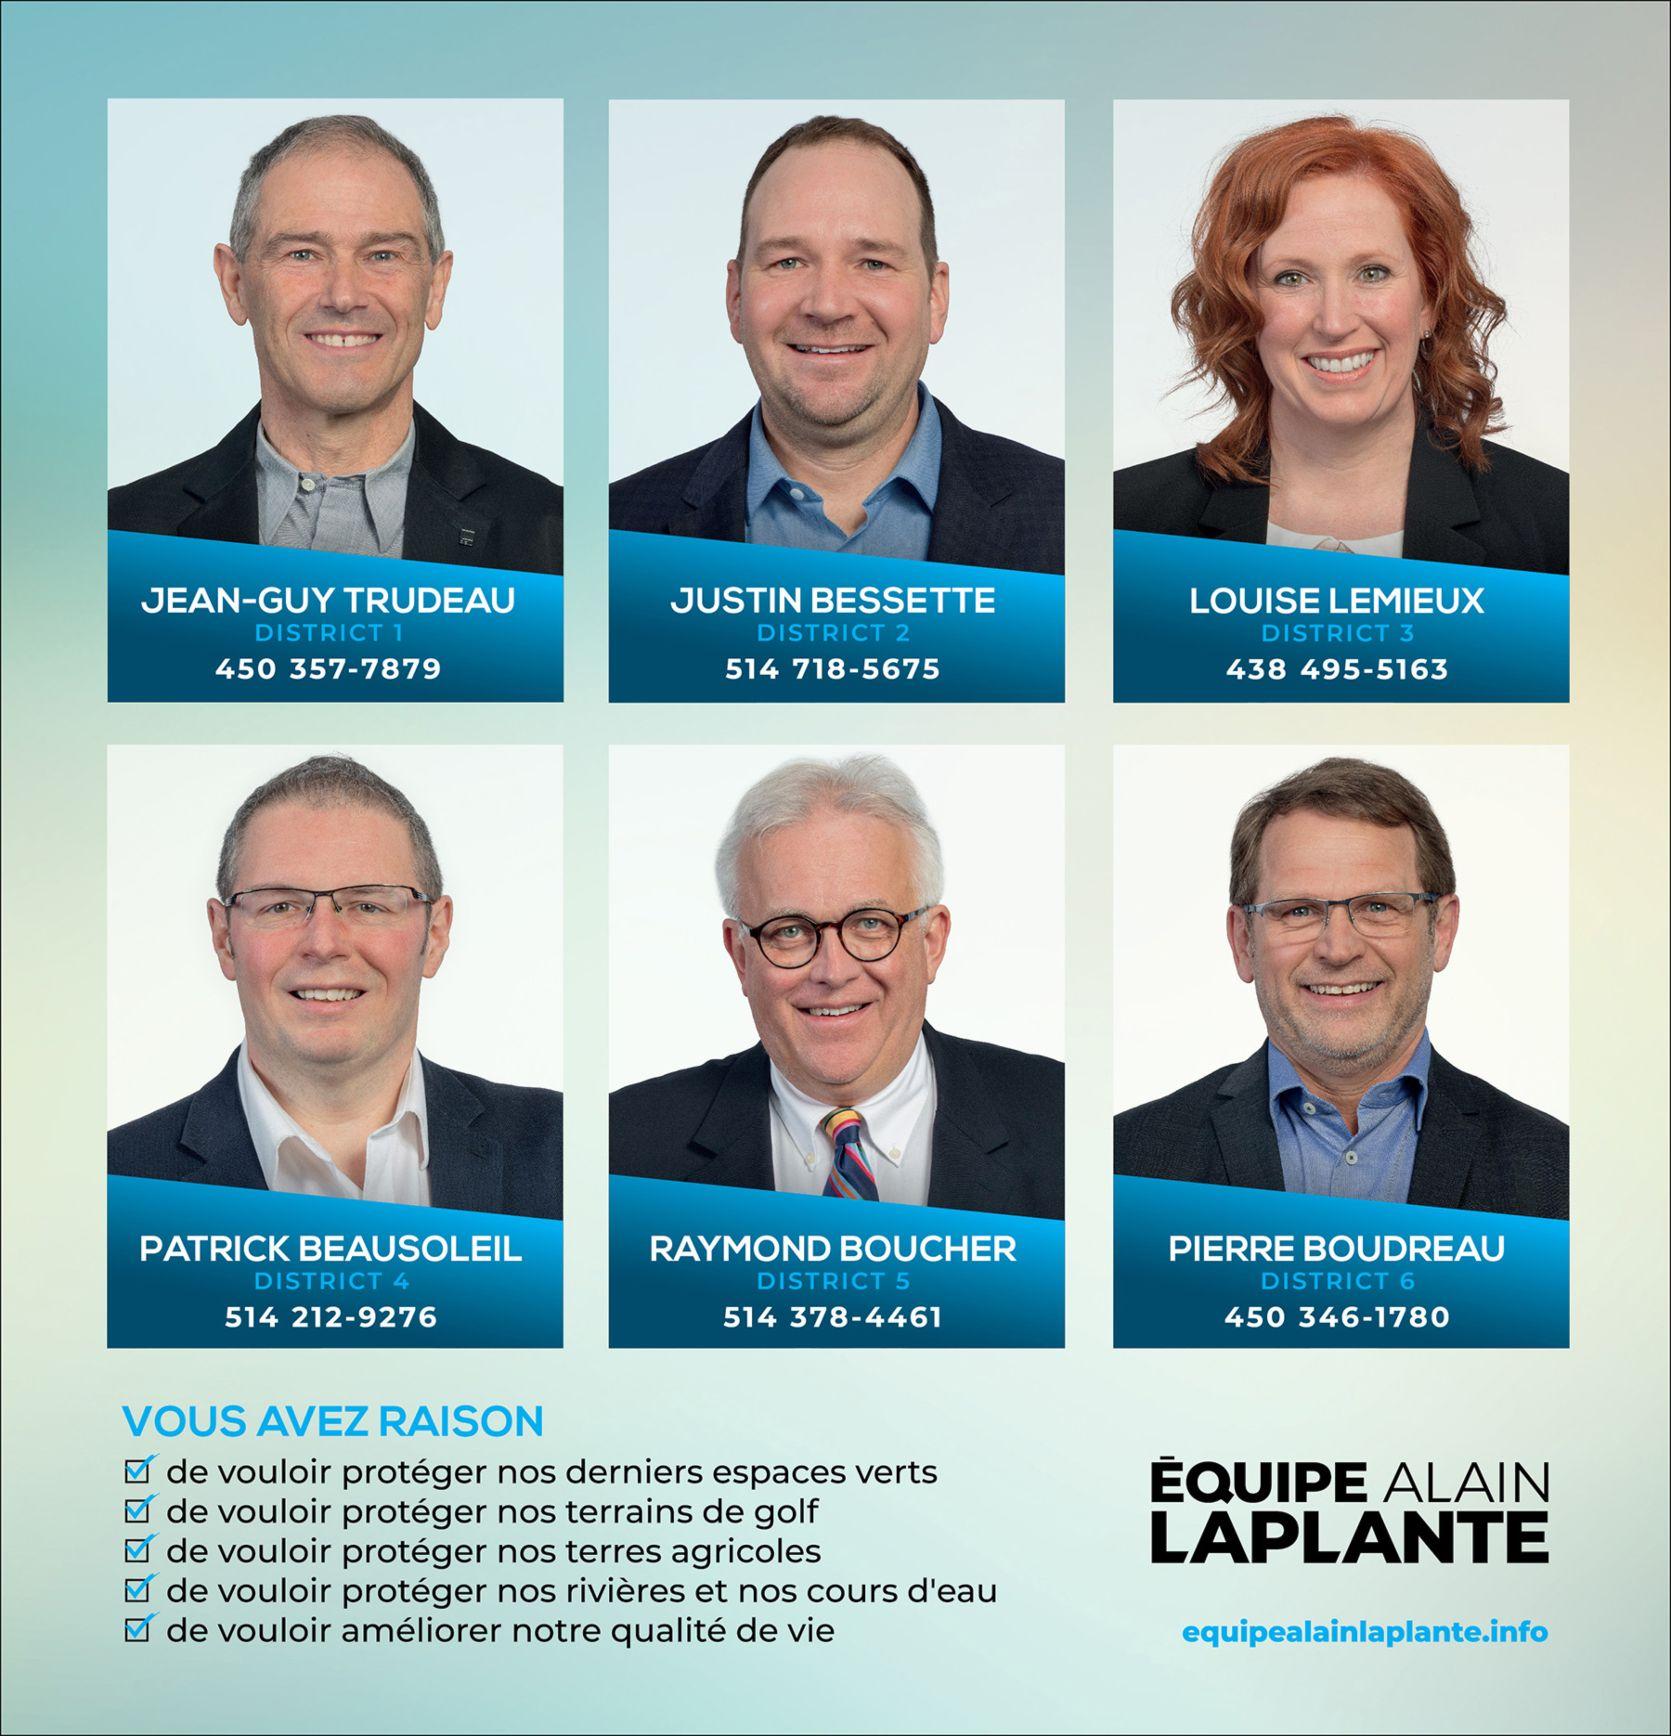 lapante 2